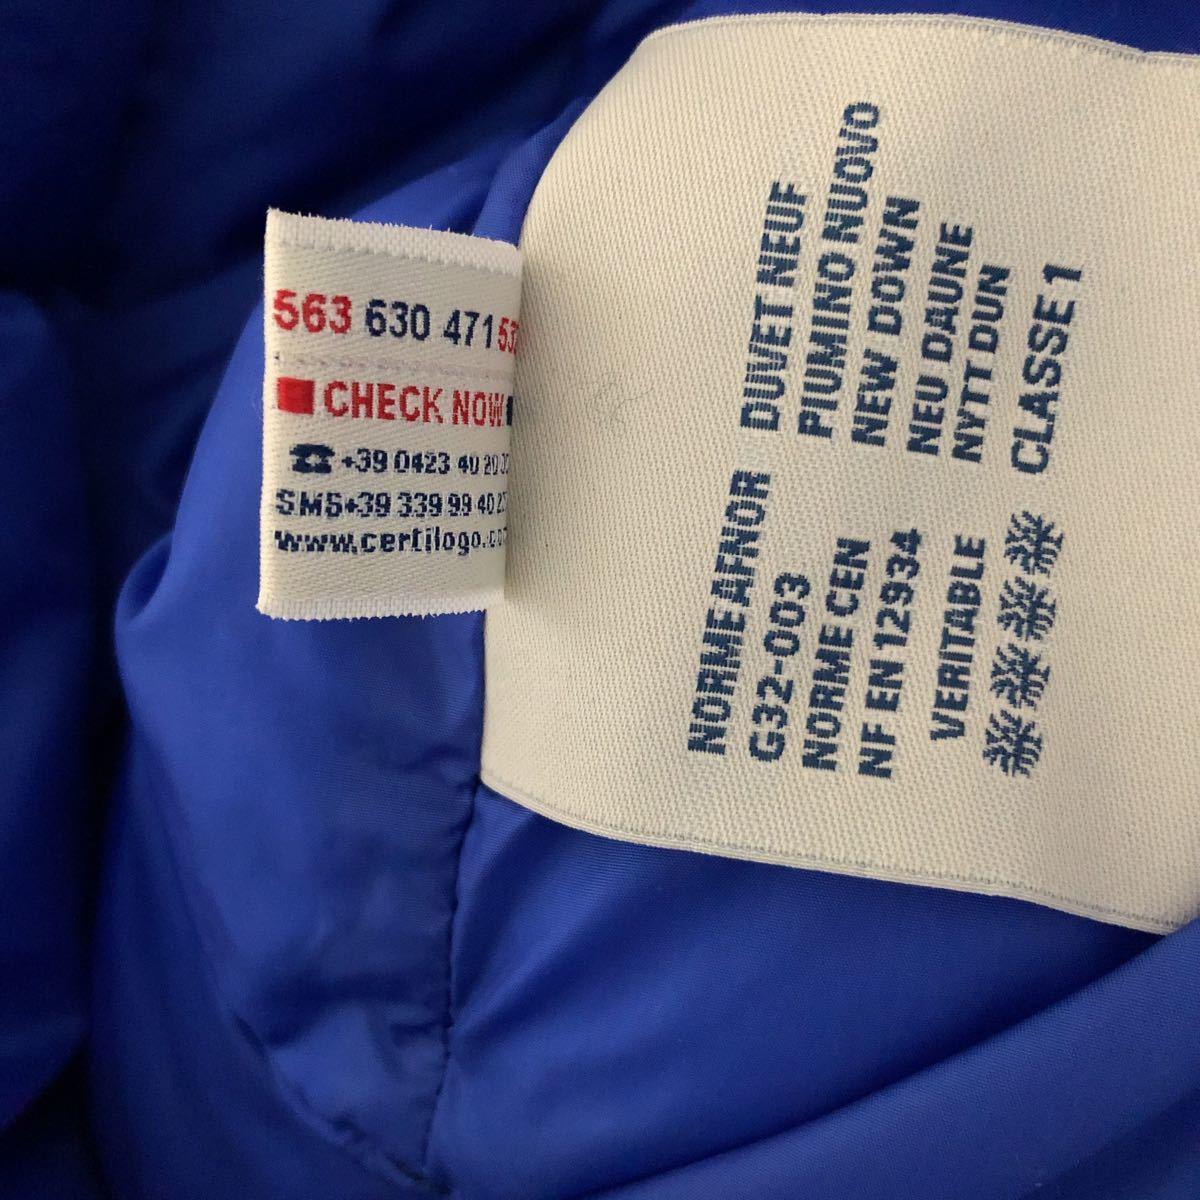 新品 本物 モンクレール MONCLER ジャケット ダウンジャケット サイズ 4 ブルー メンズ ダブルジップアップ パーカー THOMAS 大人気!_画像10